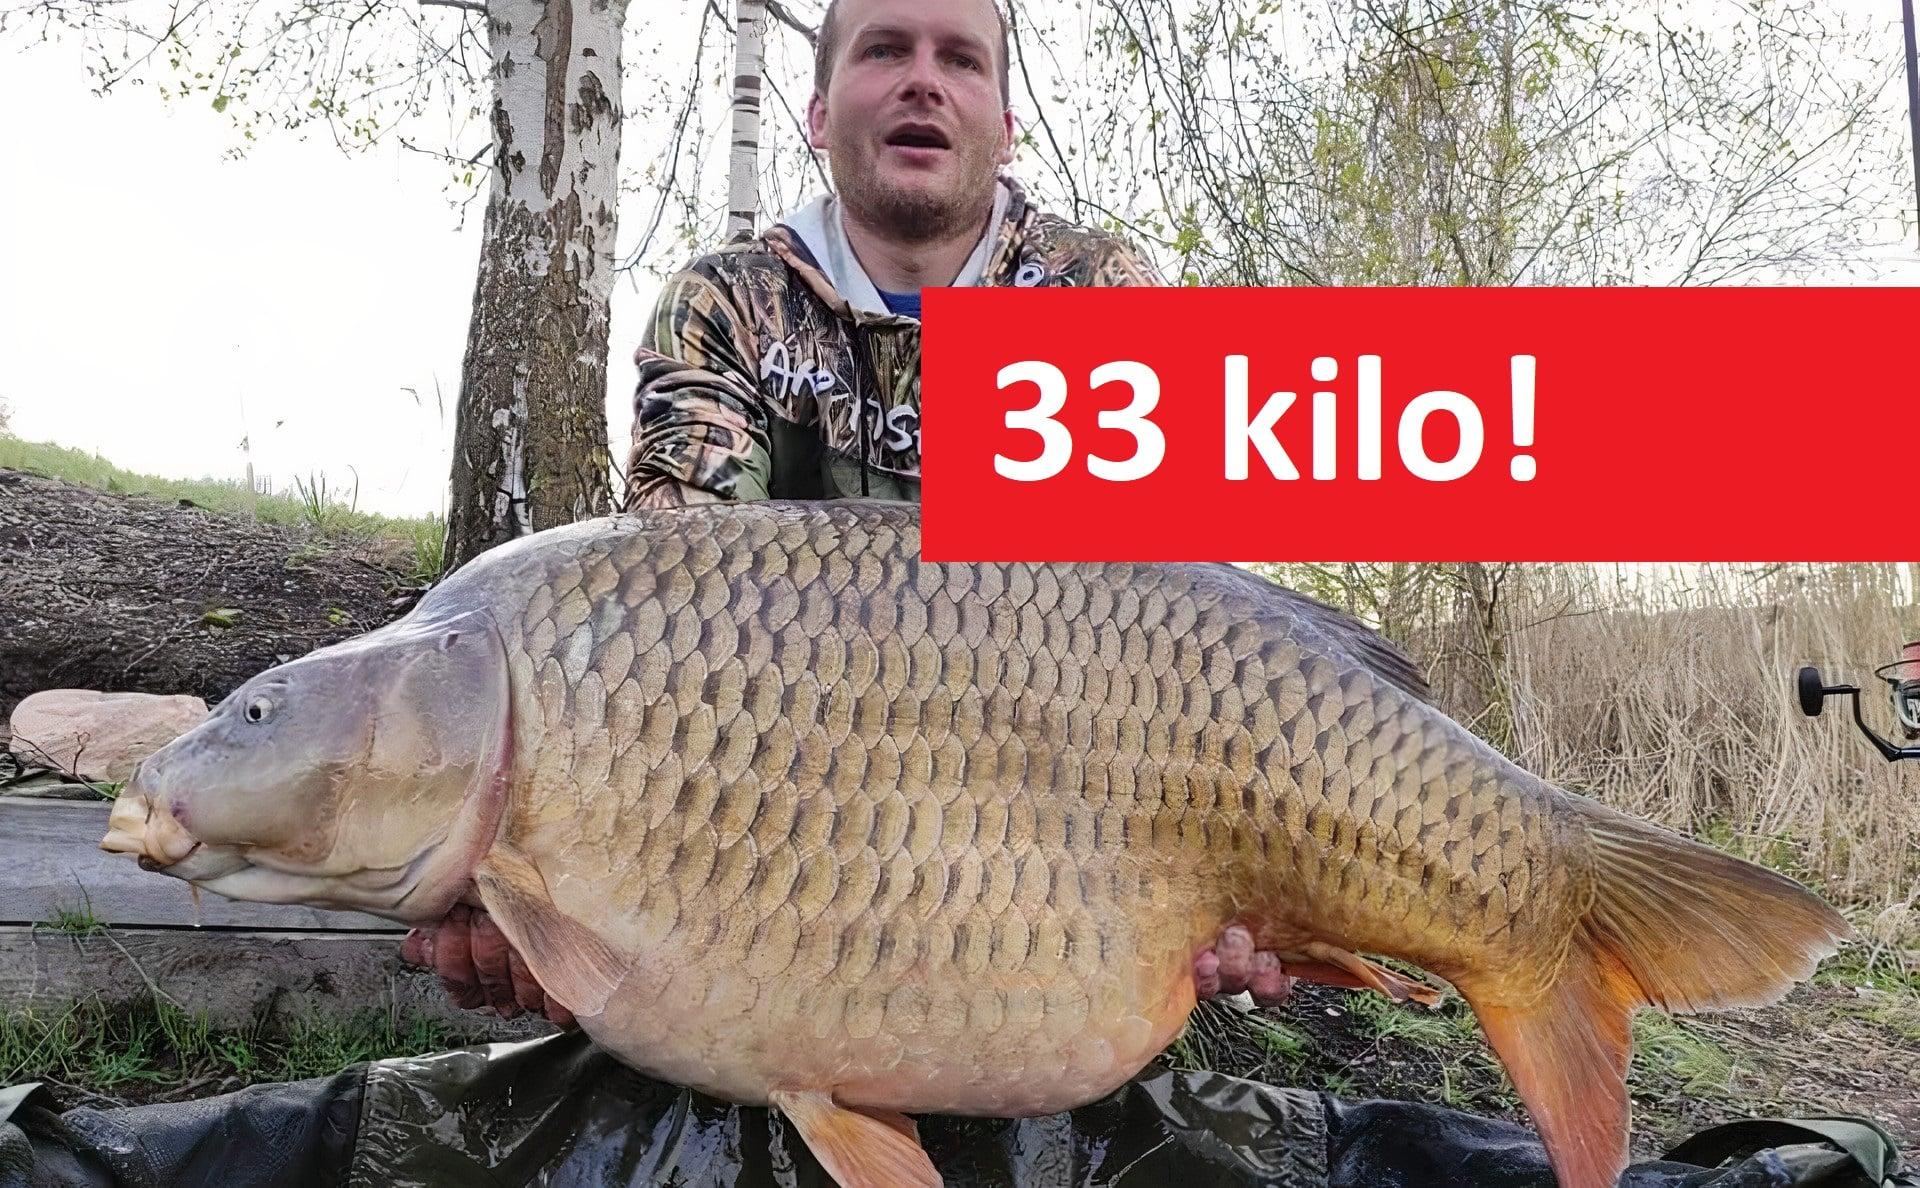 VIDEO: Gigantický kapr zčeského jezera! Tenhle šupináč vážil 33 kilo!